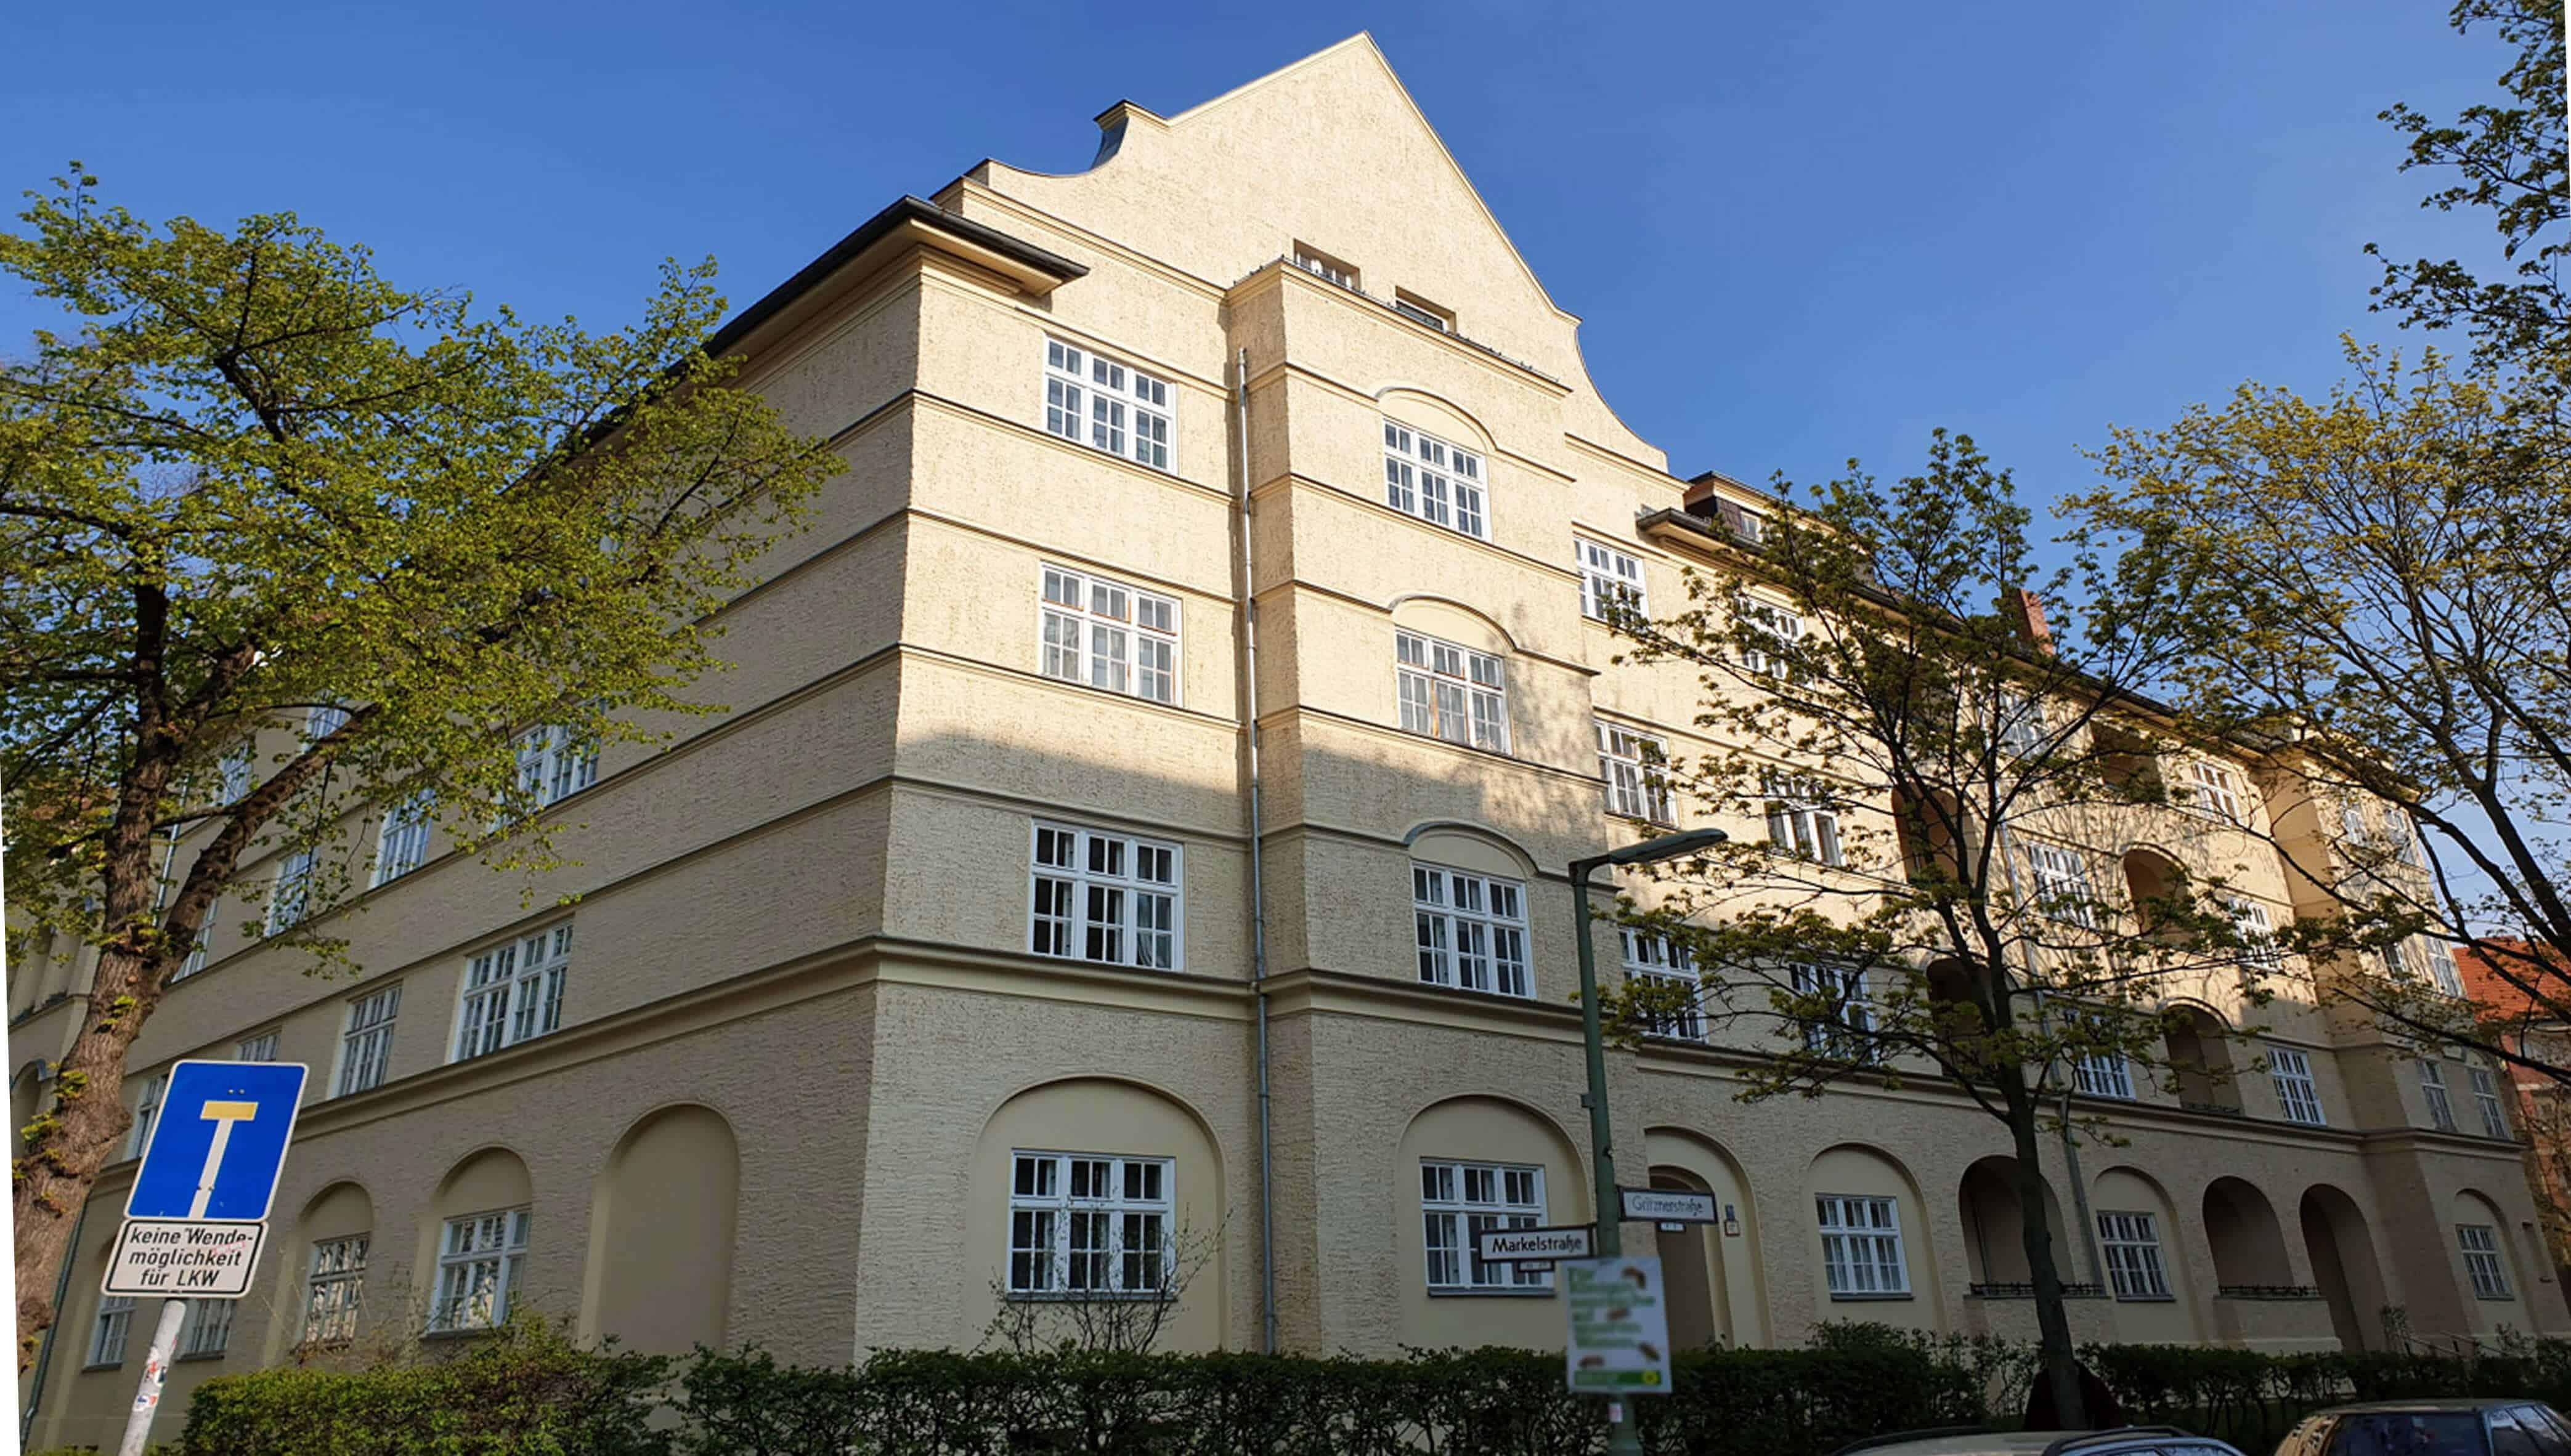 09-Sanierung-von-Altbaufenstern-referenz-malerbetrieb-kluge-berlin.jpg